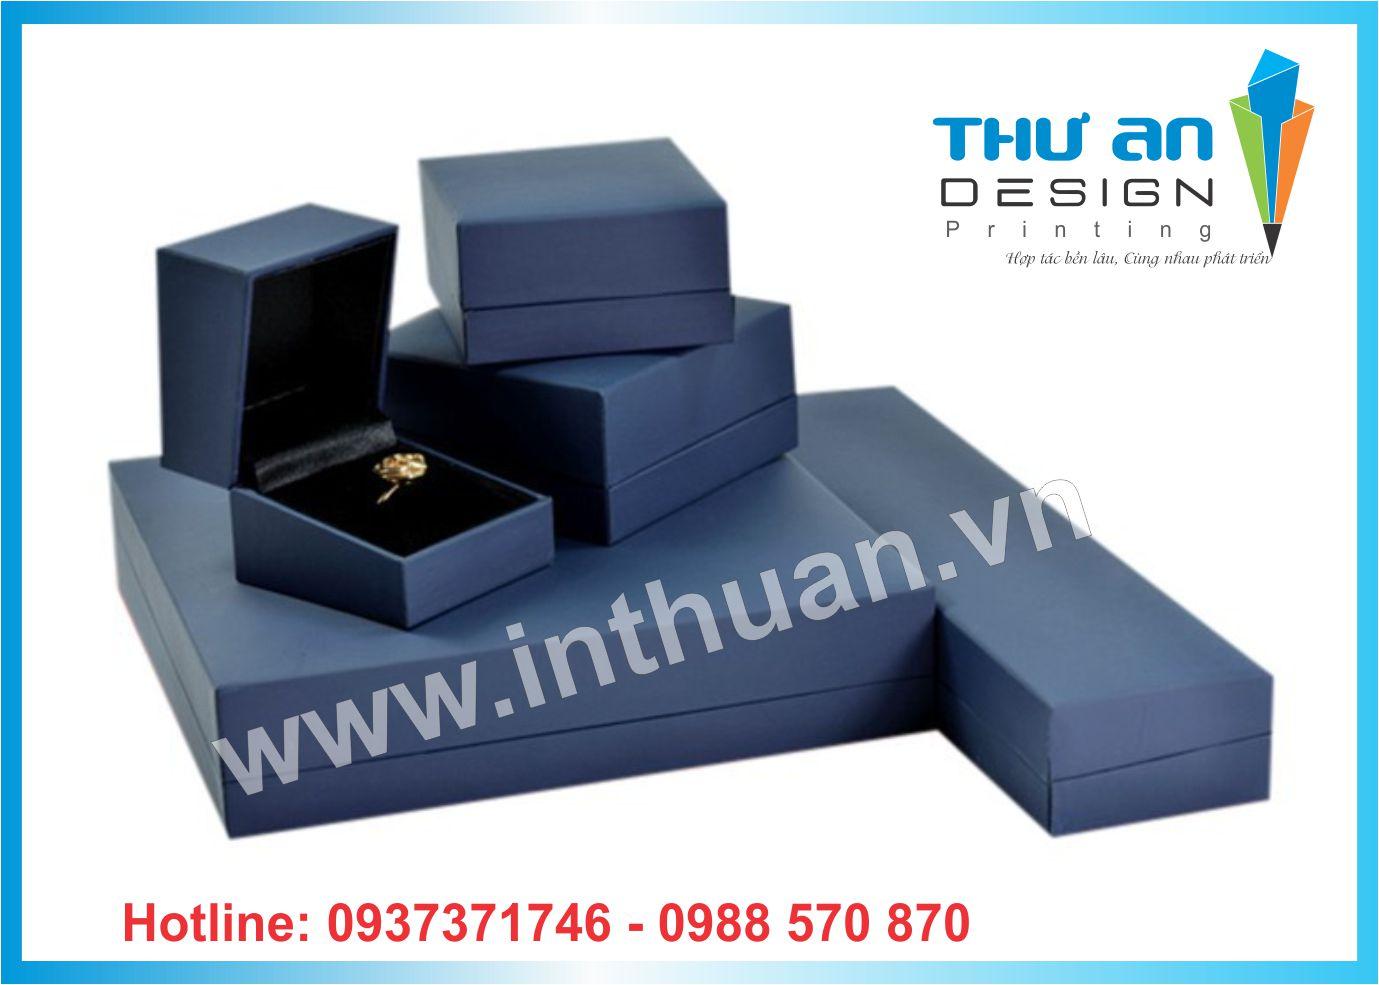 image1